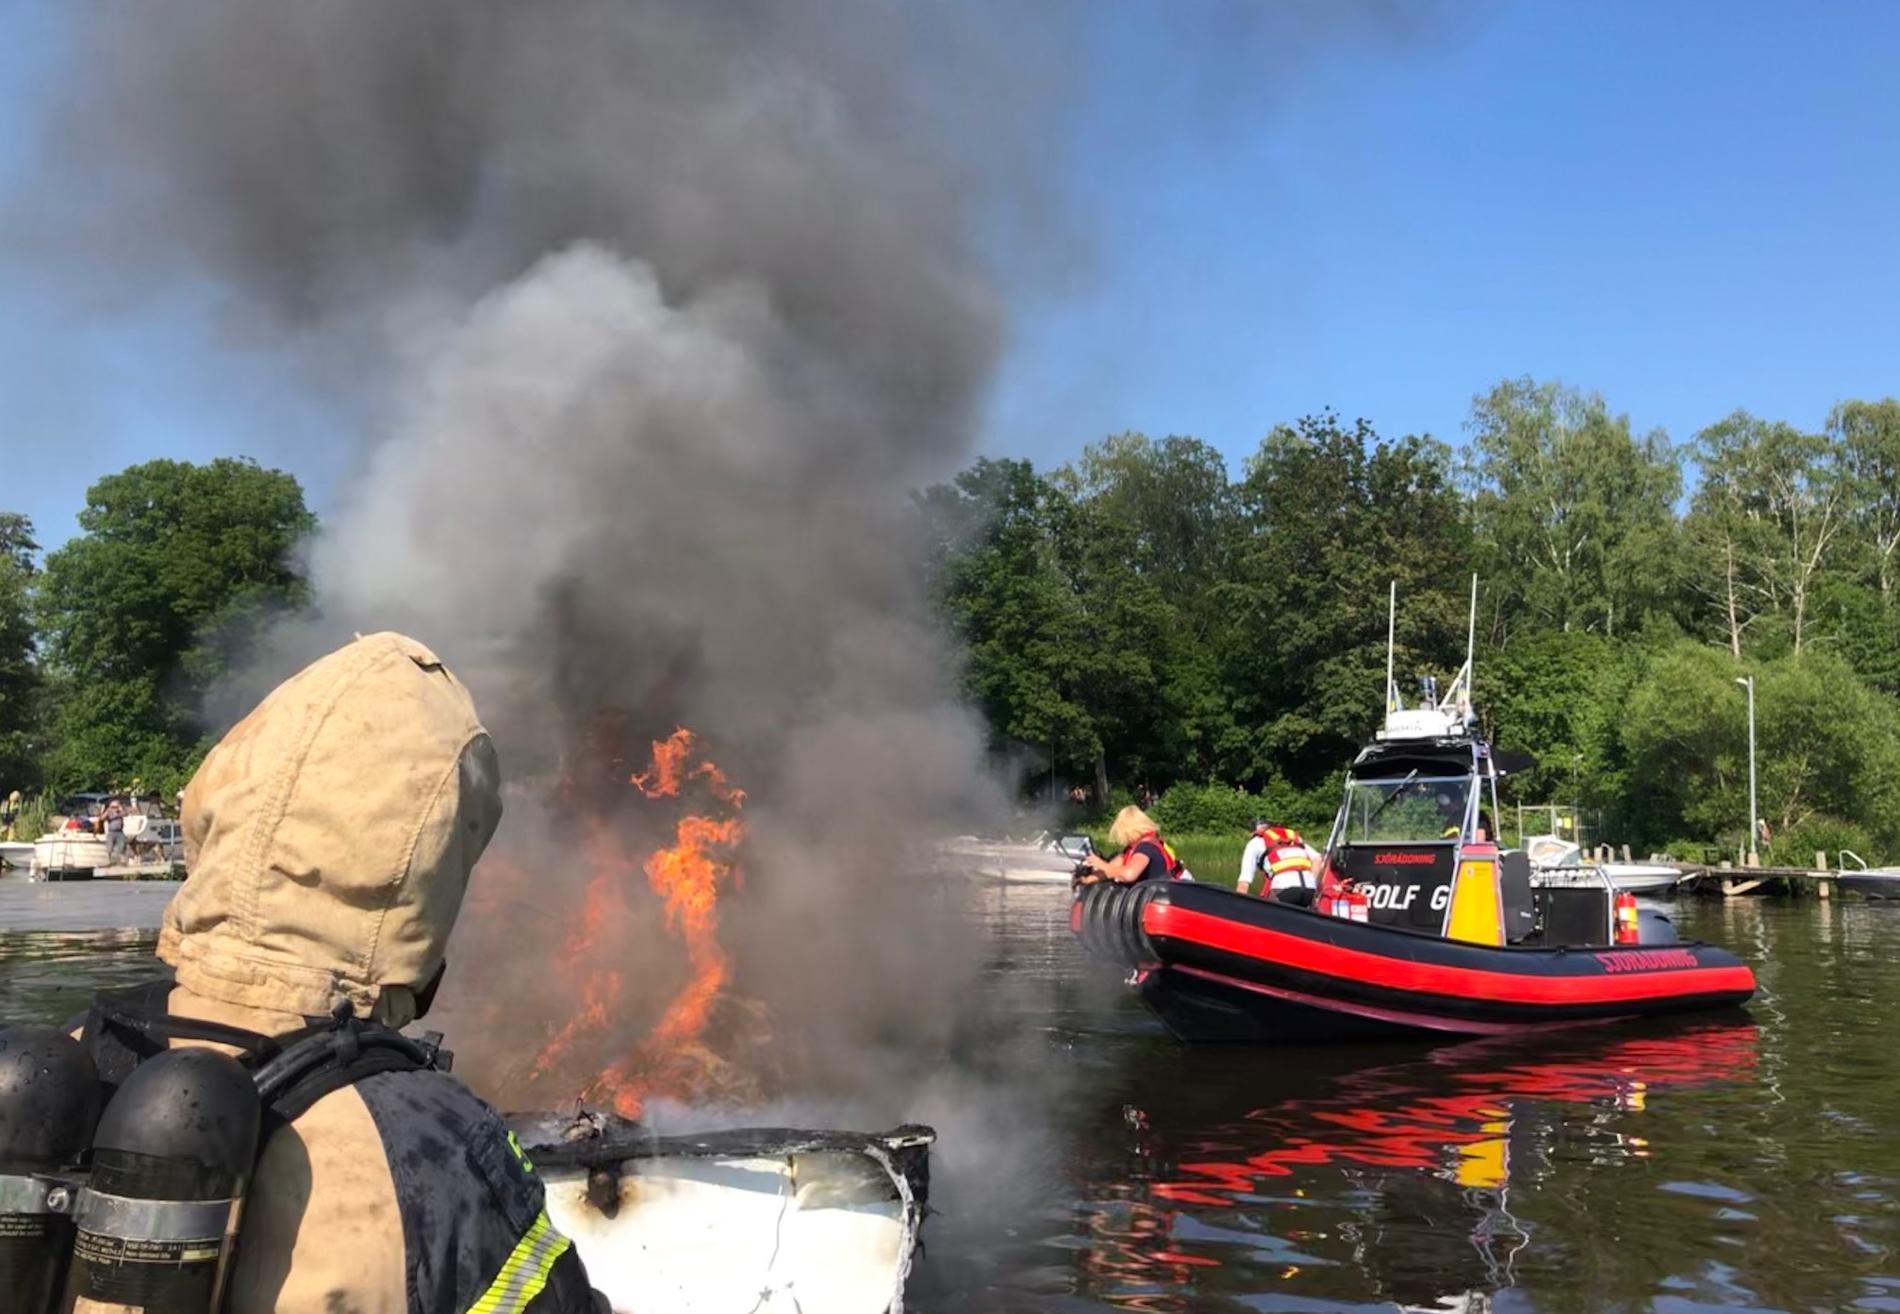 Fritidsbåten exploderade en onsdagseftermiddag i juni. Tre personer skadades.